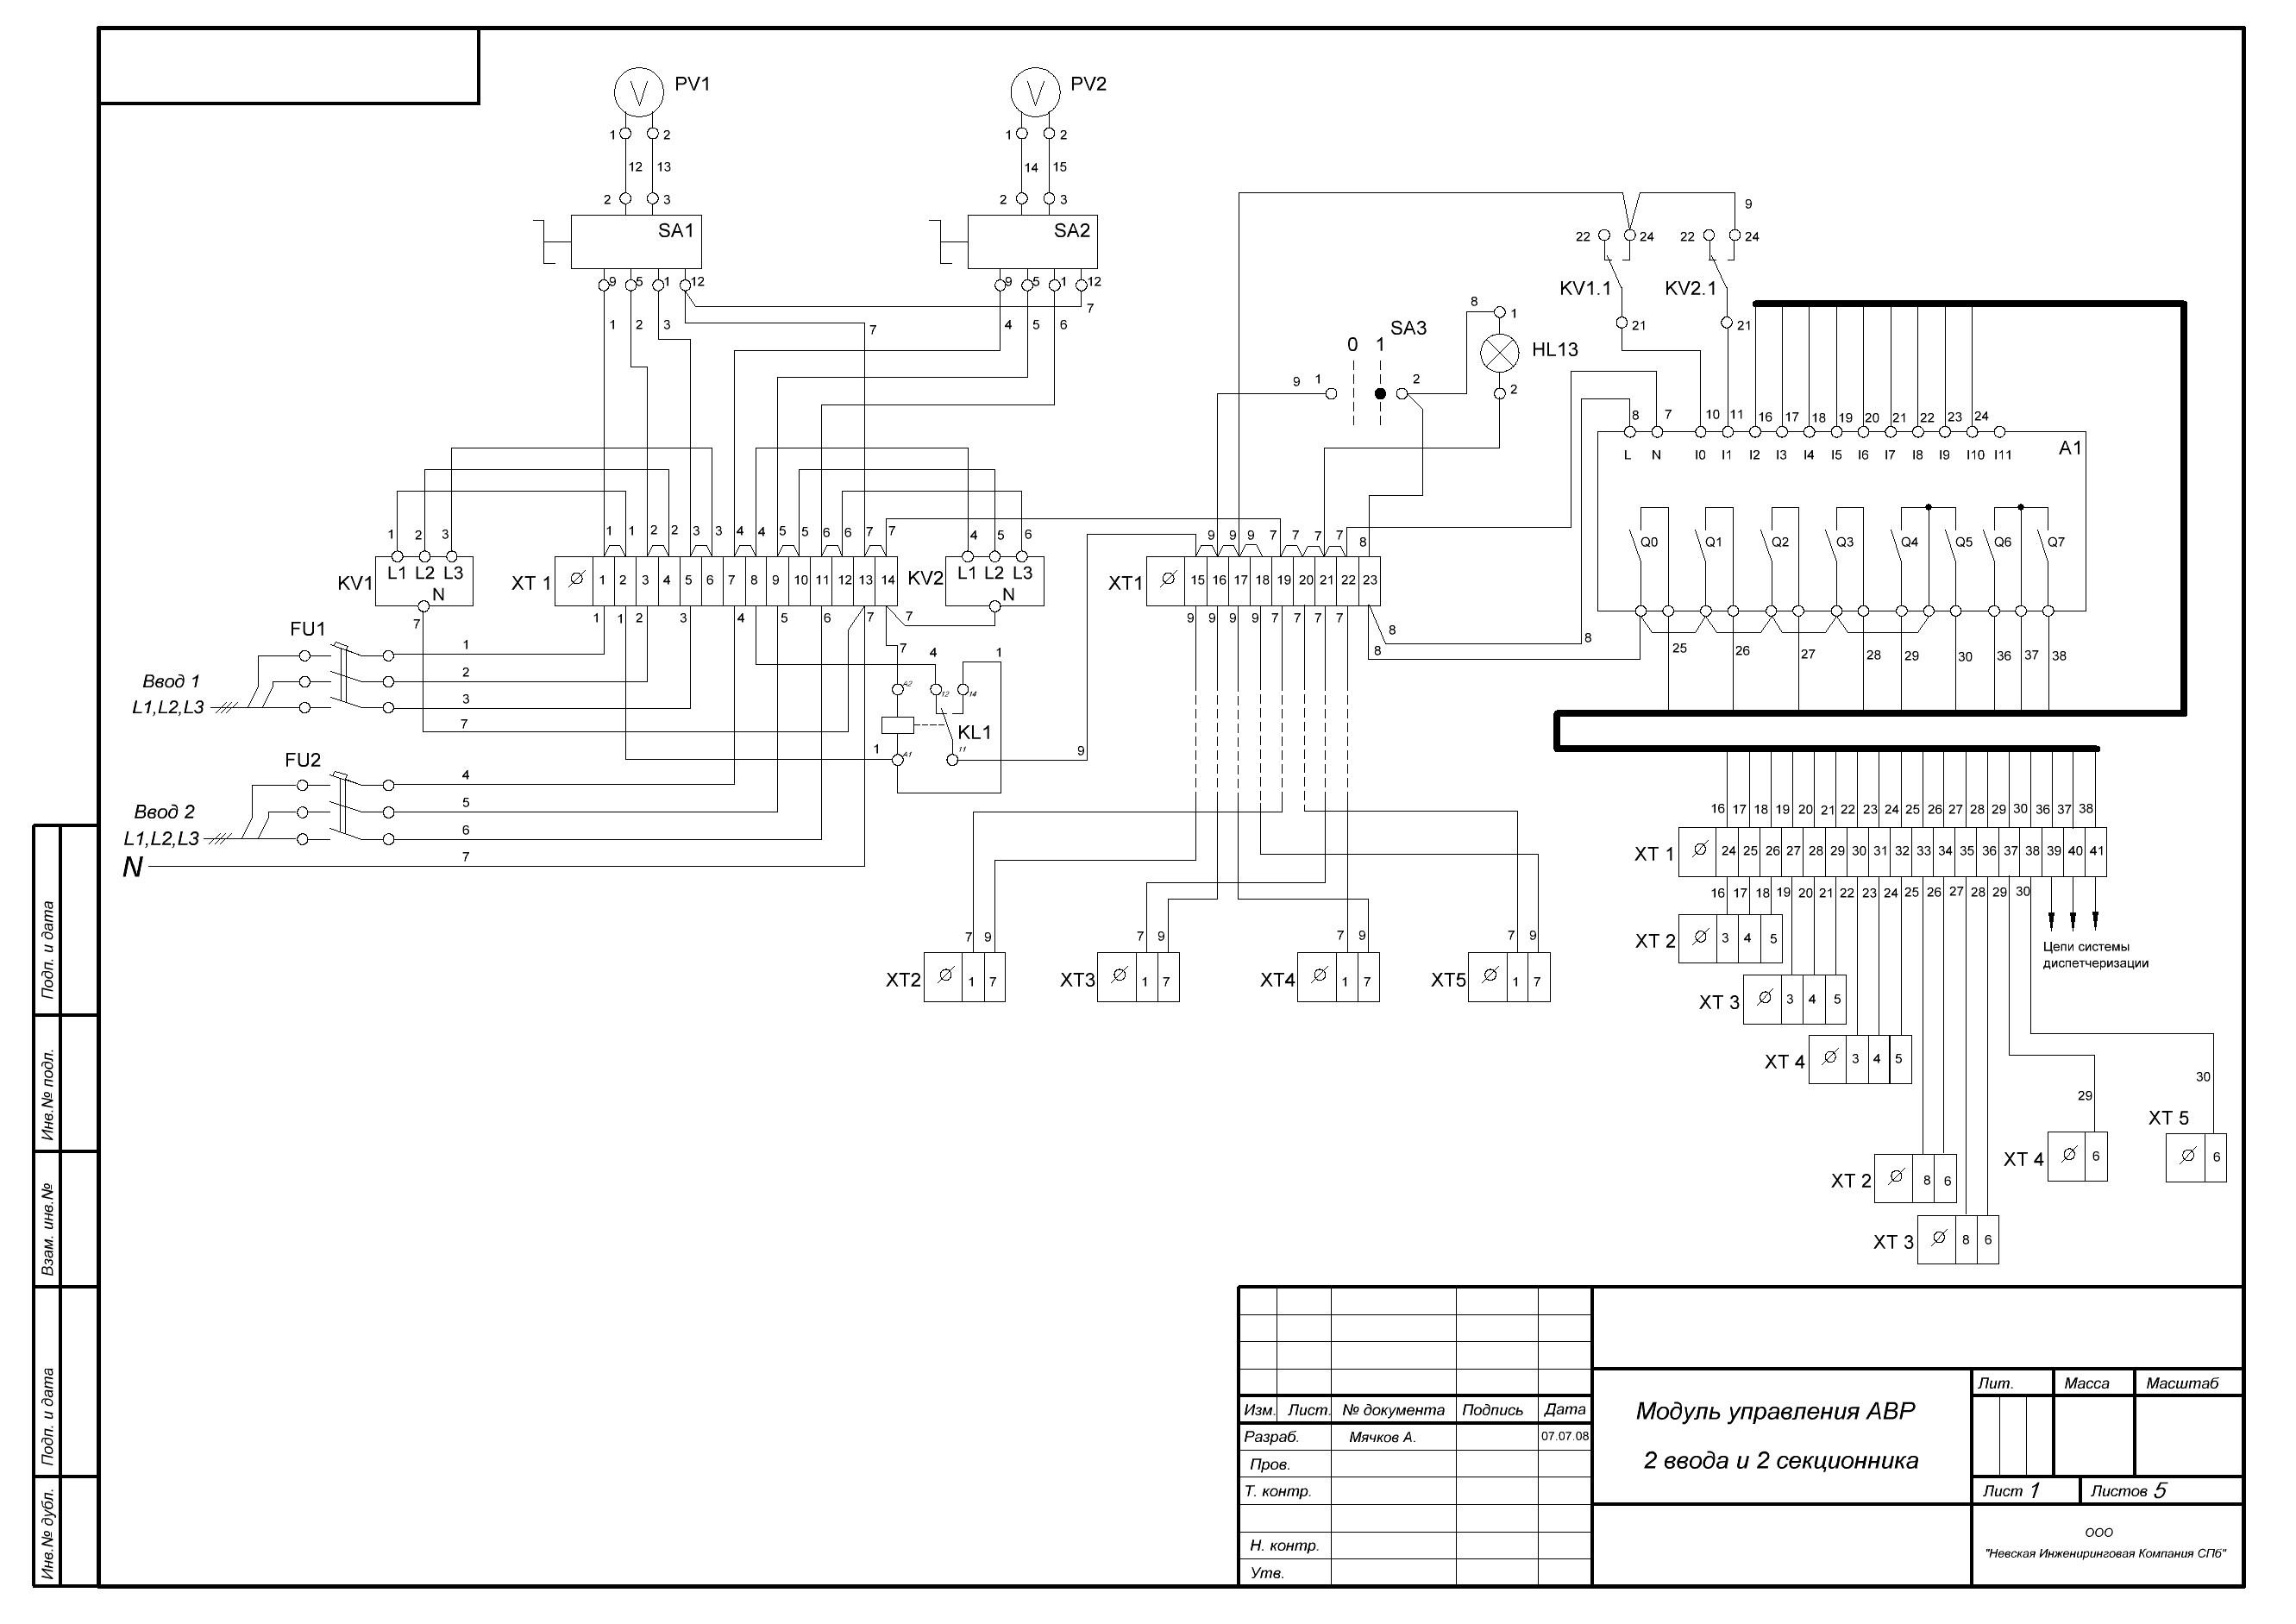 Схема авр на 2 ввода в автокаде